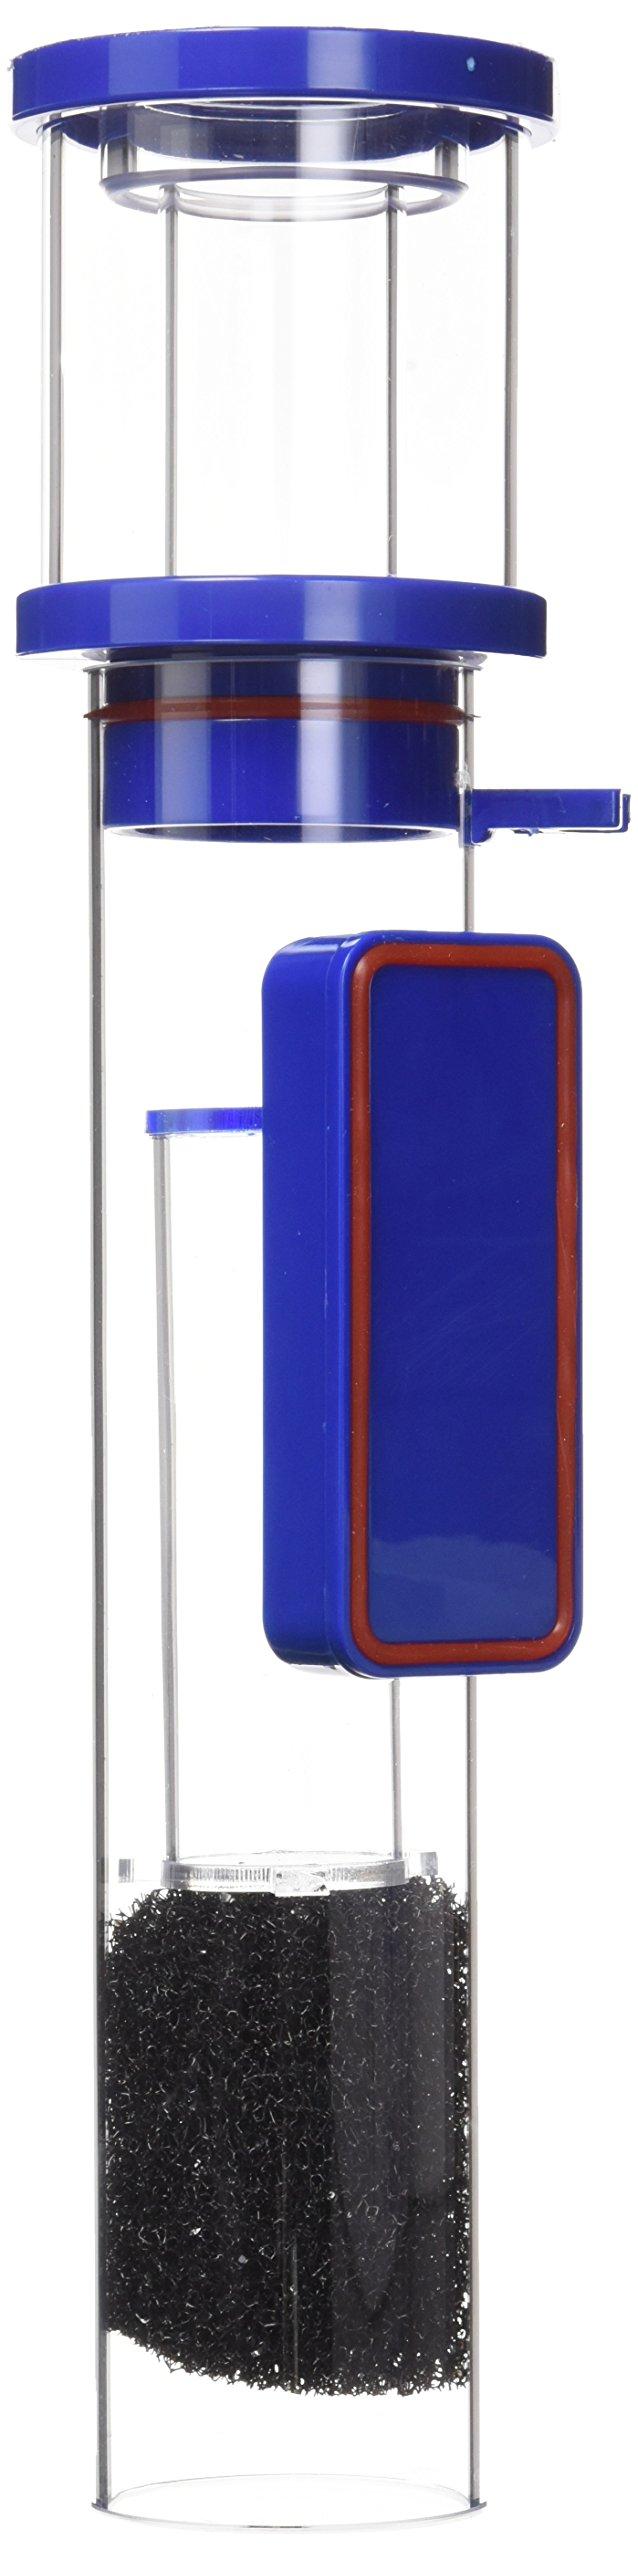 Eshopps Protein Nano 10-35G Skimmer by Eshopps Inc.